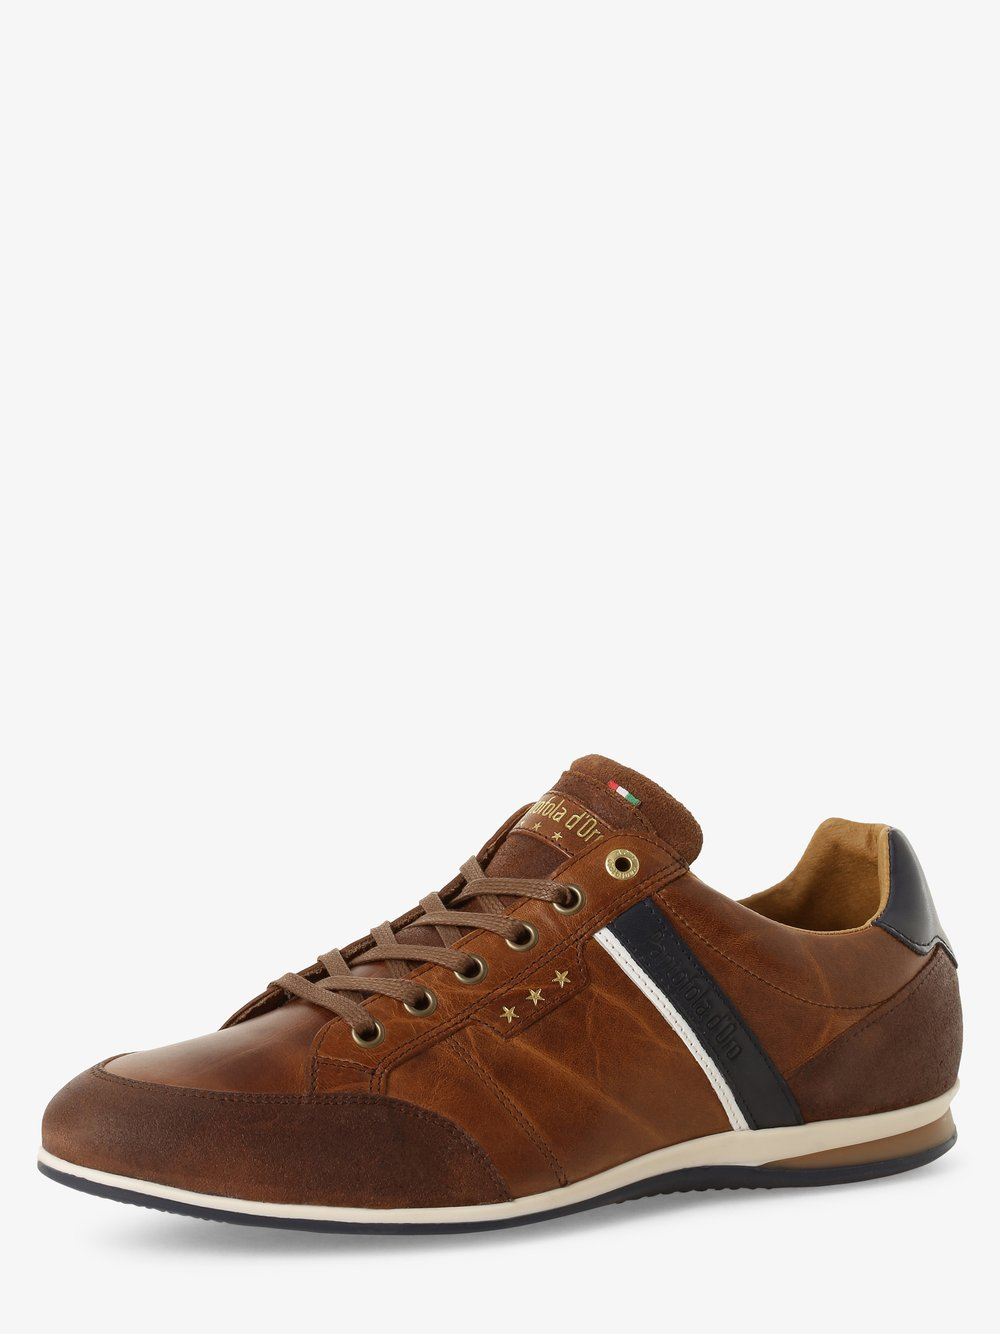 Pantofola d'Oro – Męskie tenisówki ze skóry, beżowy Van Graaf 466218-0001-00410